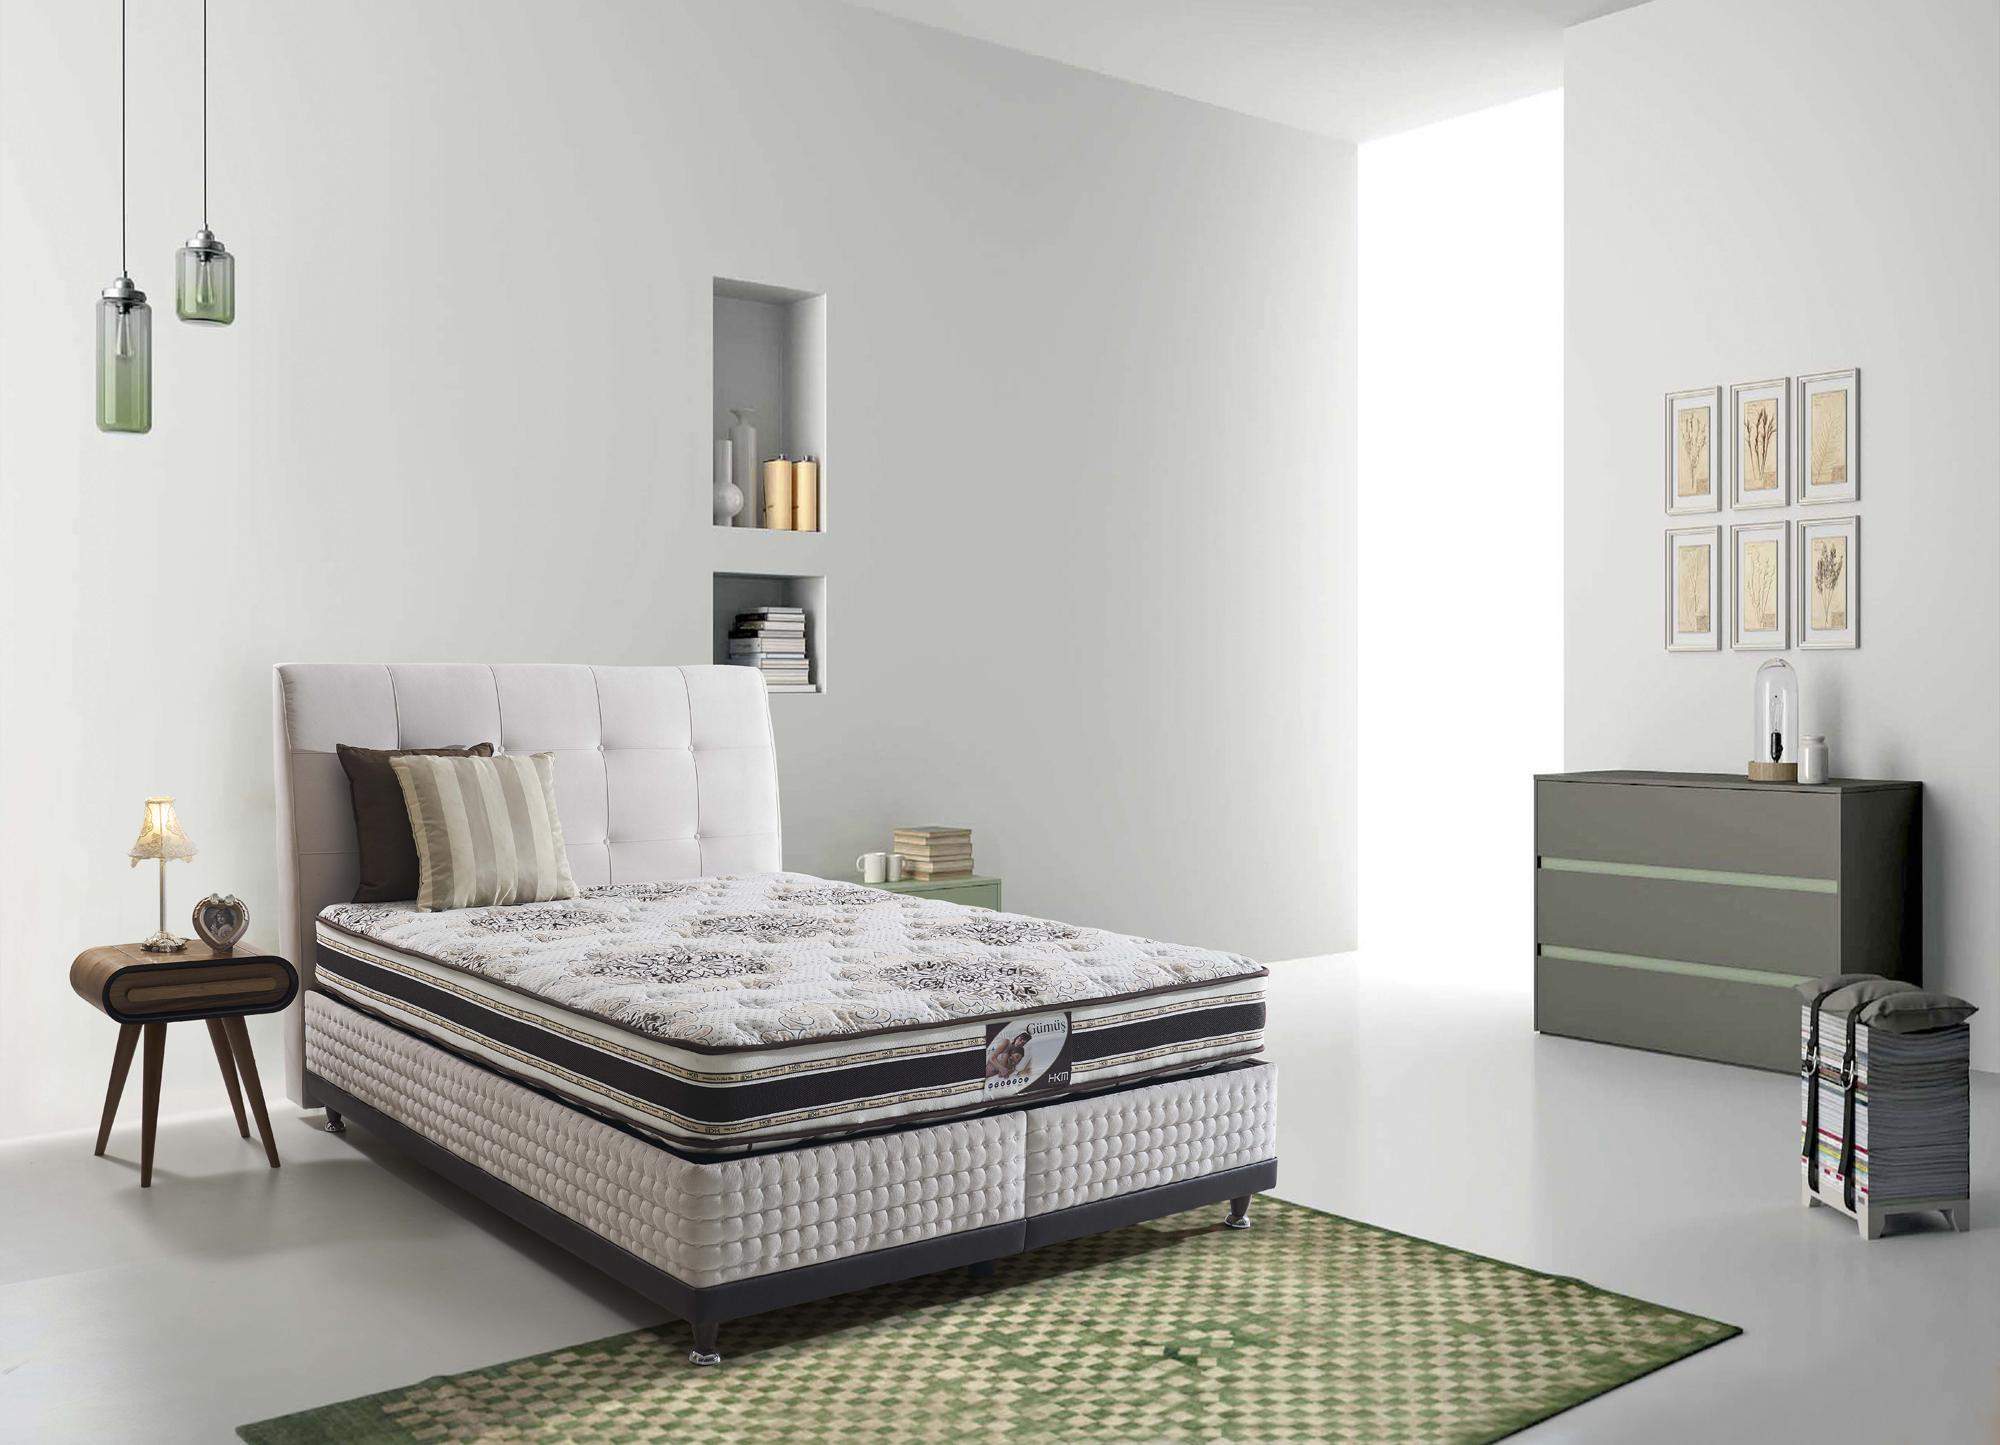 g m s baza bett set yuvam m belhaus in wuppertal cilek offizieller h ndler in europa. Black Bedroom Furniture Sets. Home Design Ideas